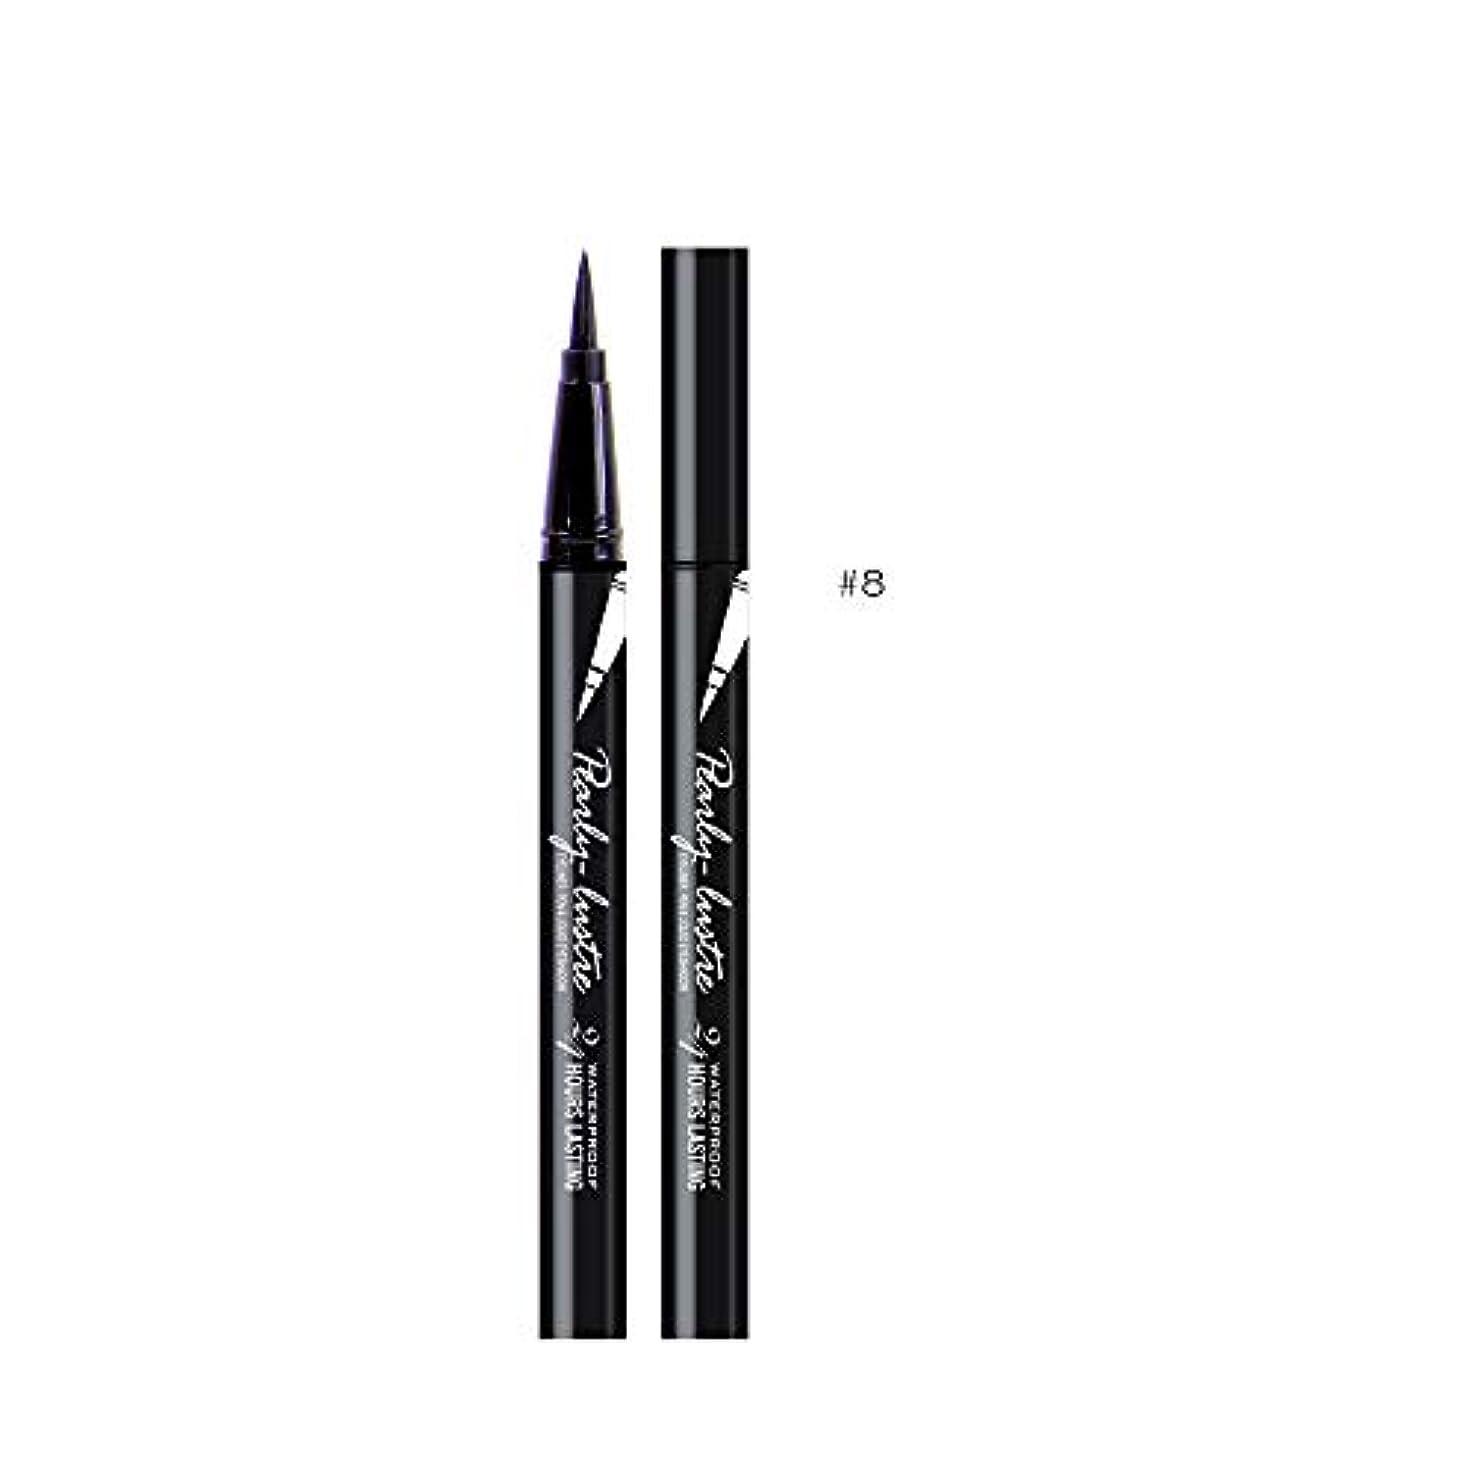 ボーカル公爵生じる美容黒防水アイライナーリキッドアイライナーペン鉛筆メイク化粧品